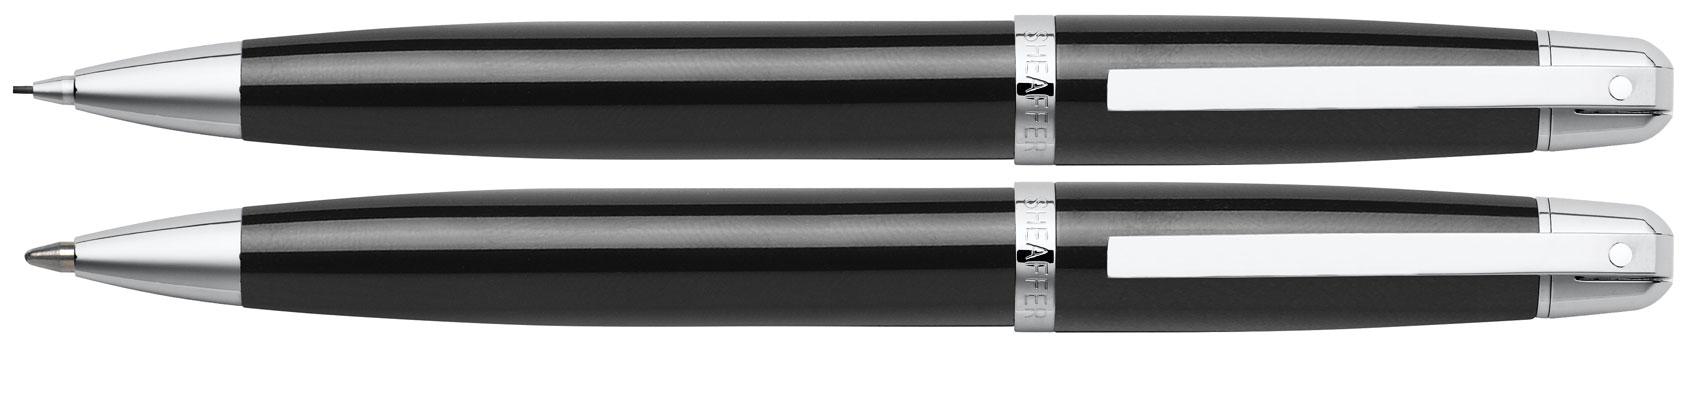 Sheaffer Pen Ballpoint Sheaffer-500-ballpoint-pen